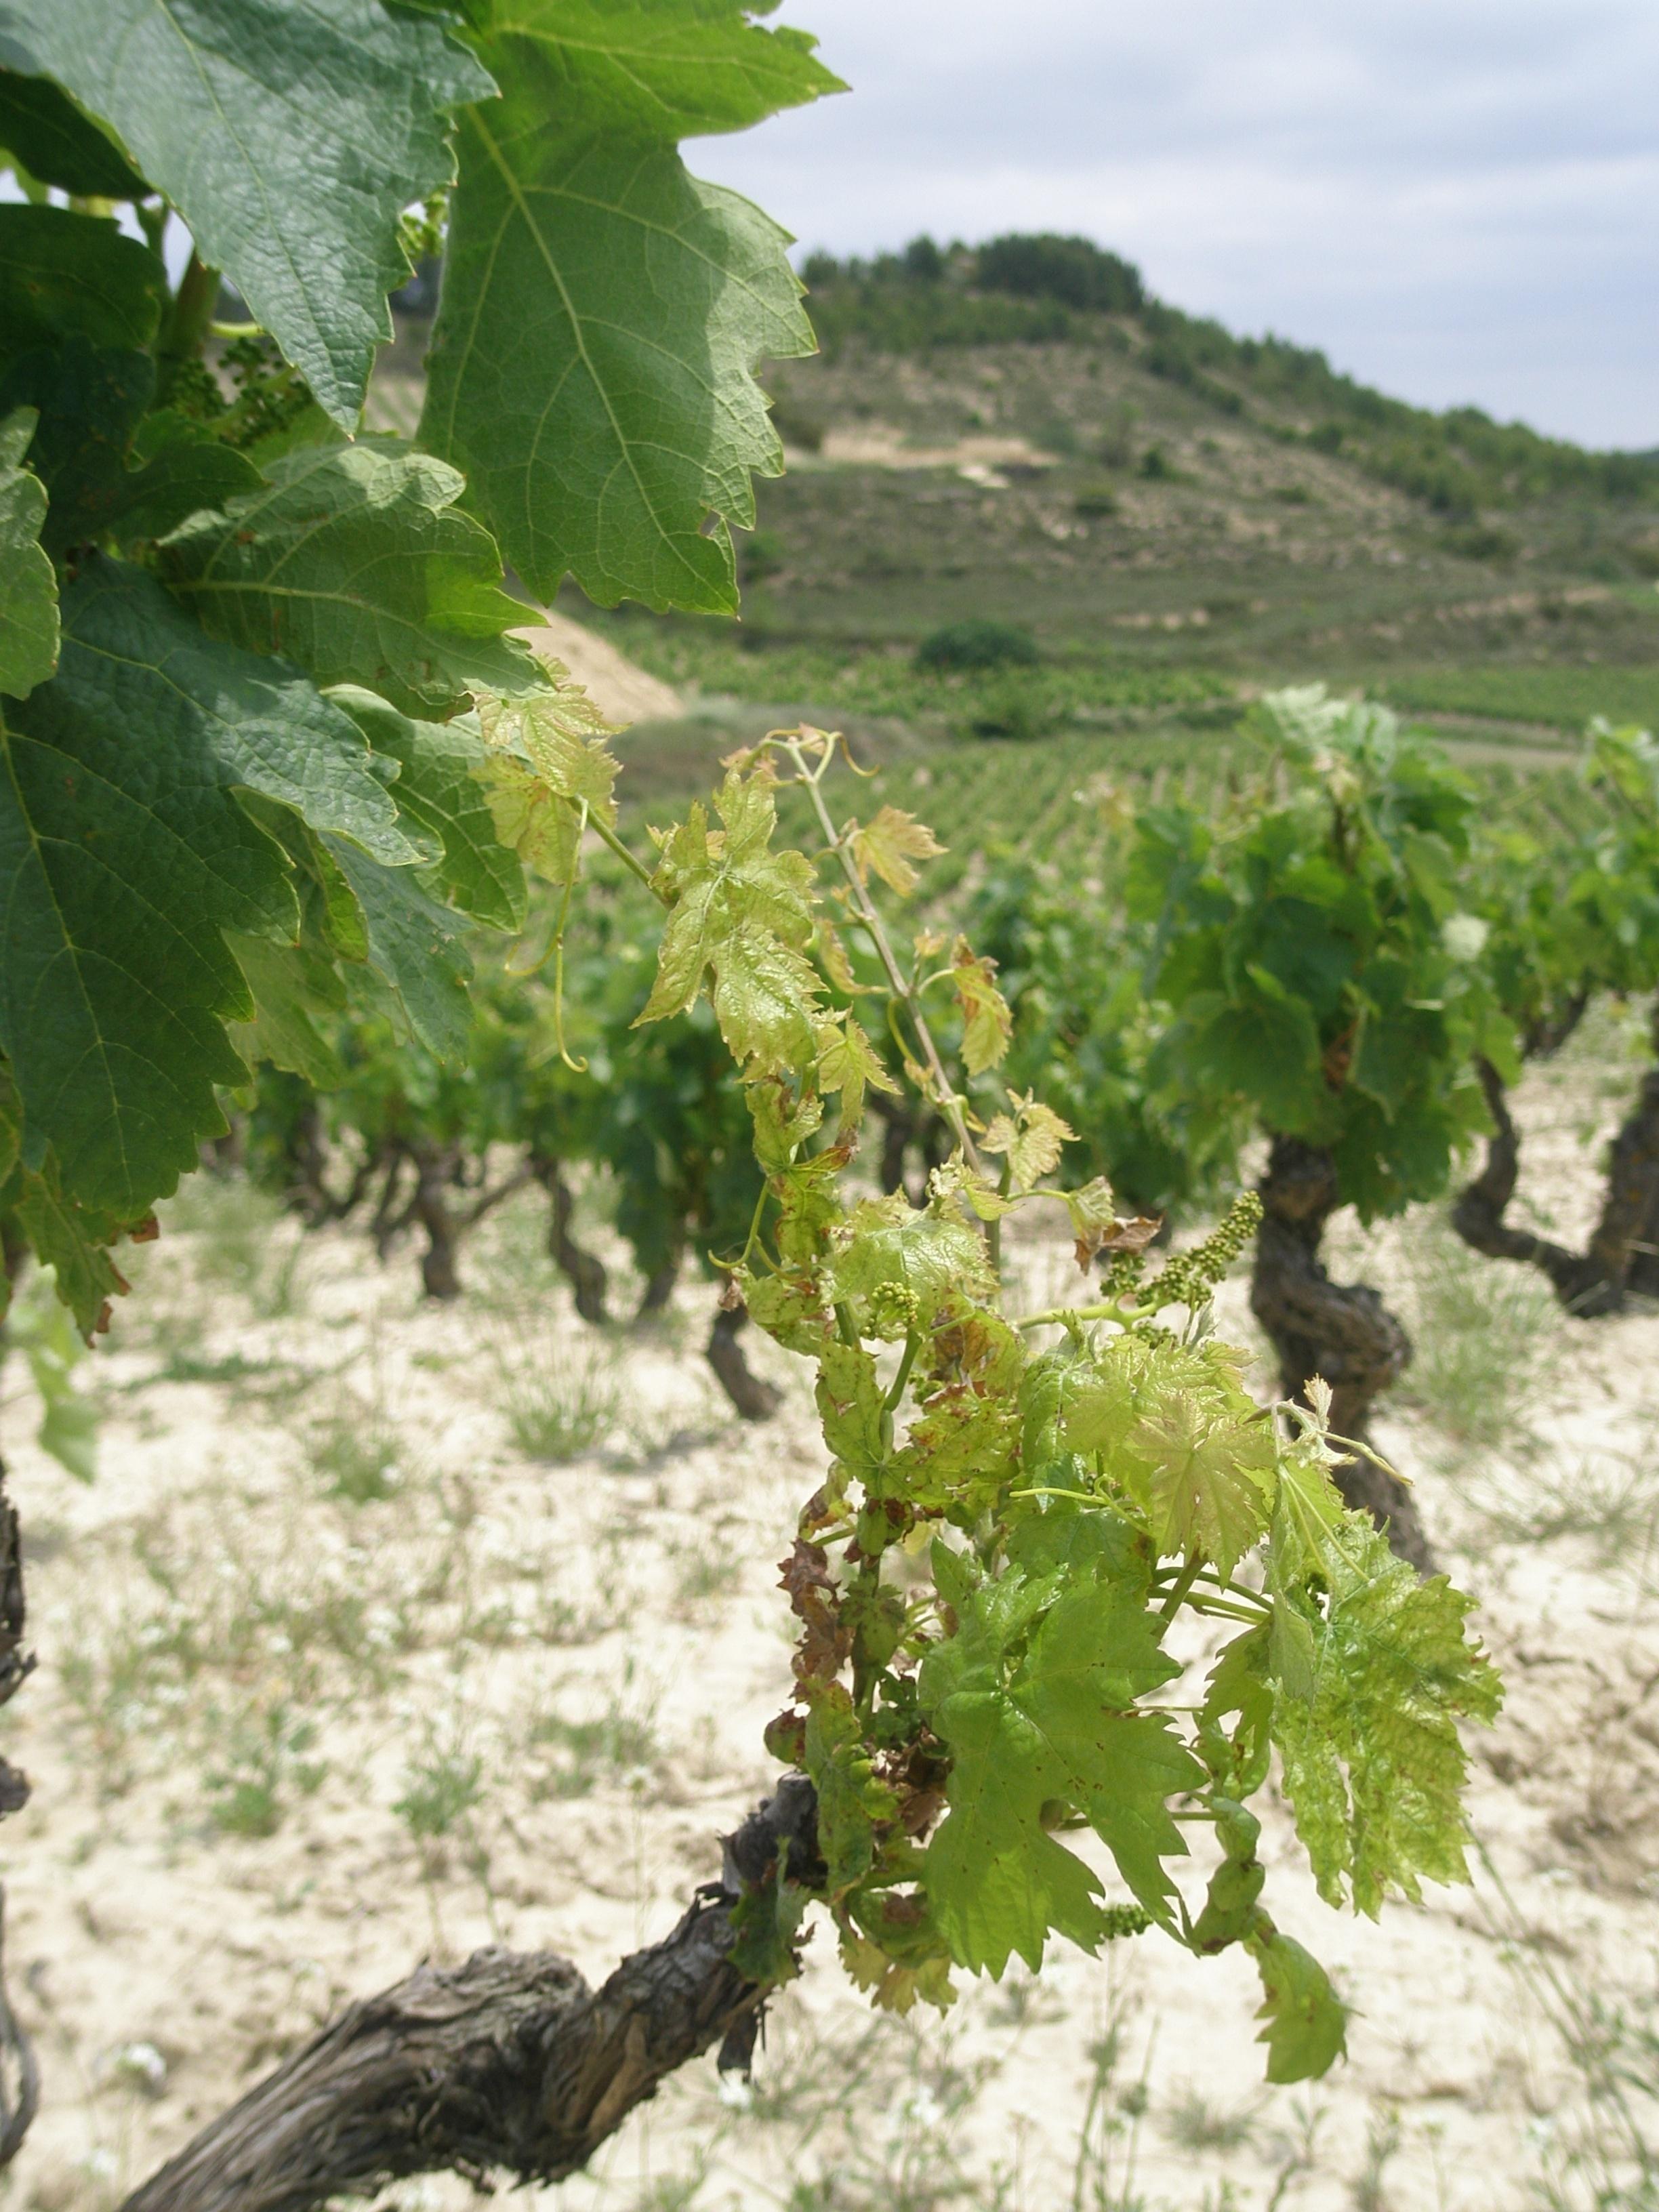 Neiker detecta por primera vez una enfermedad producida por hongos que afecta a los viñedos de la Rioja Alavesa